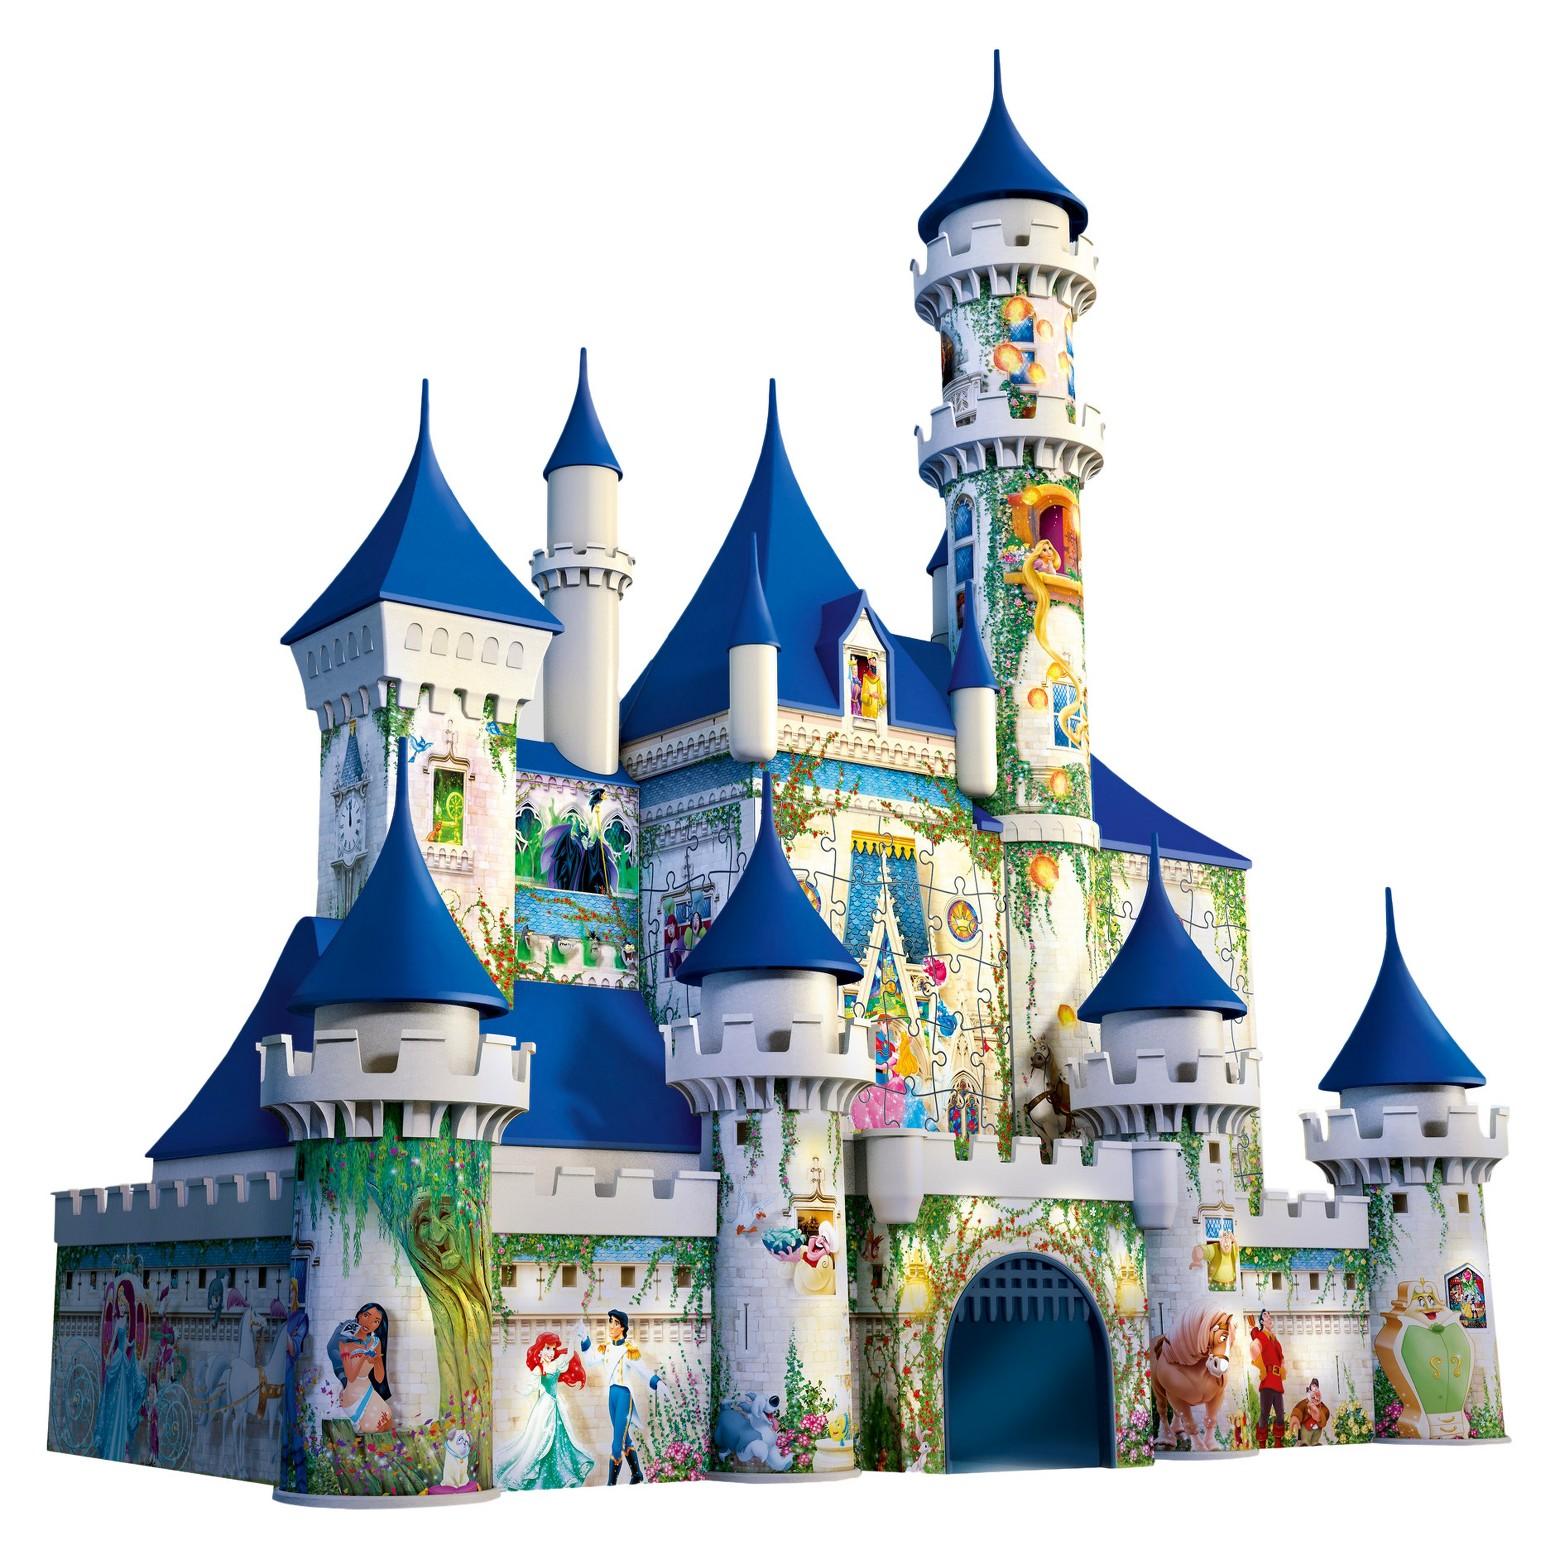 Ravensburger 3d Disney castle $28.55